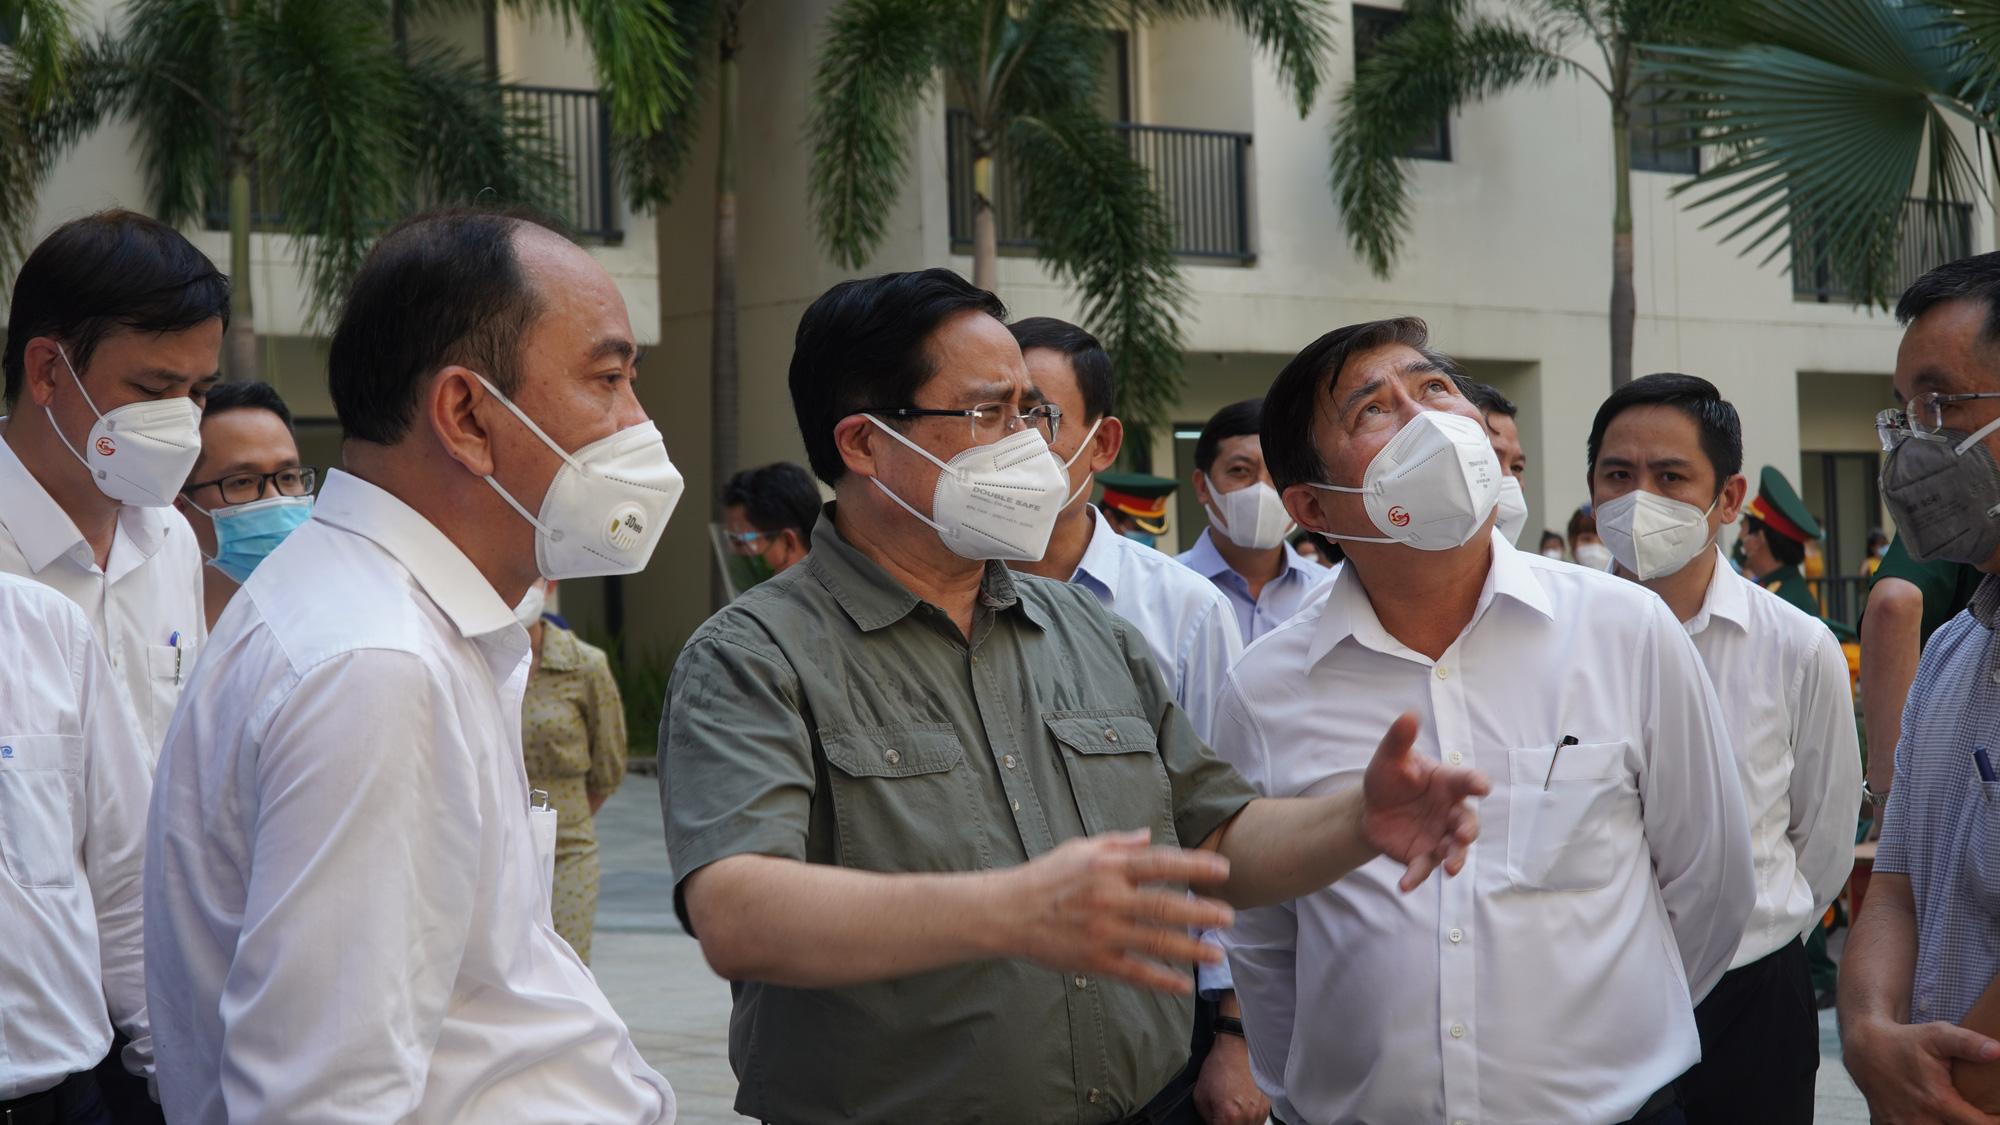 Thủ tướng Phạm Minh Chính trực tiếp kiểm tra chống dịch tại TP HCM - Ảnh 2.